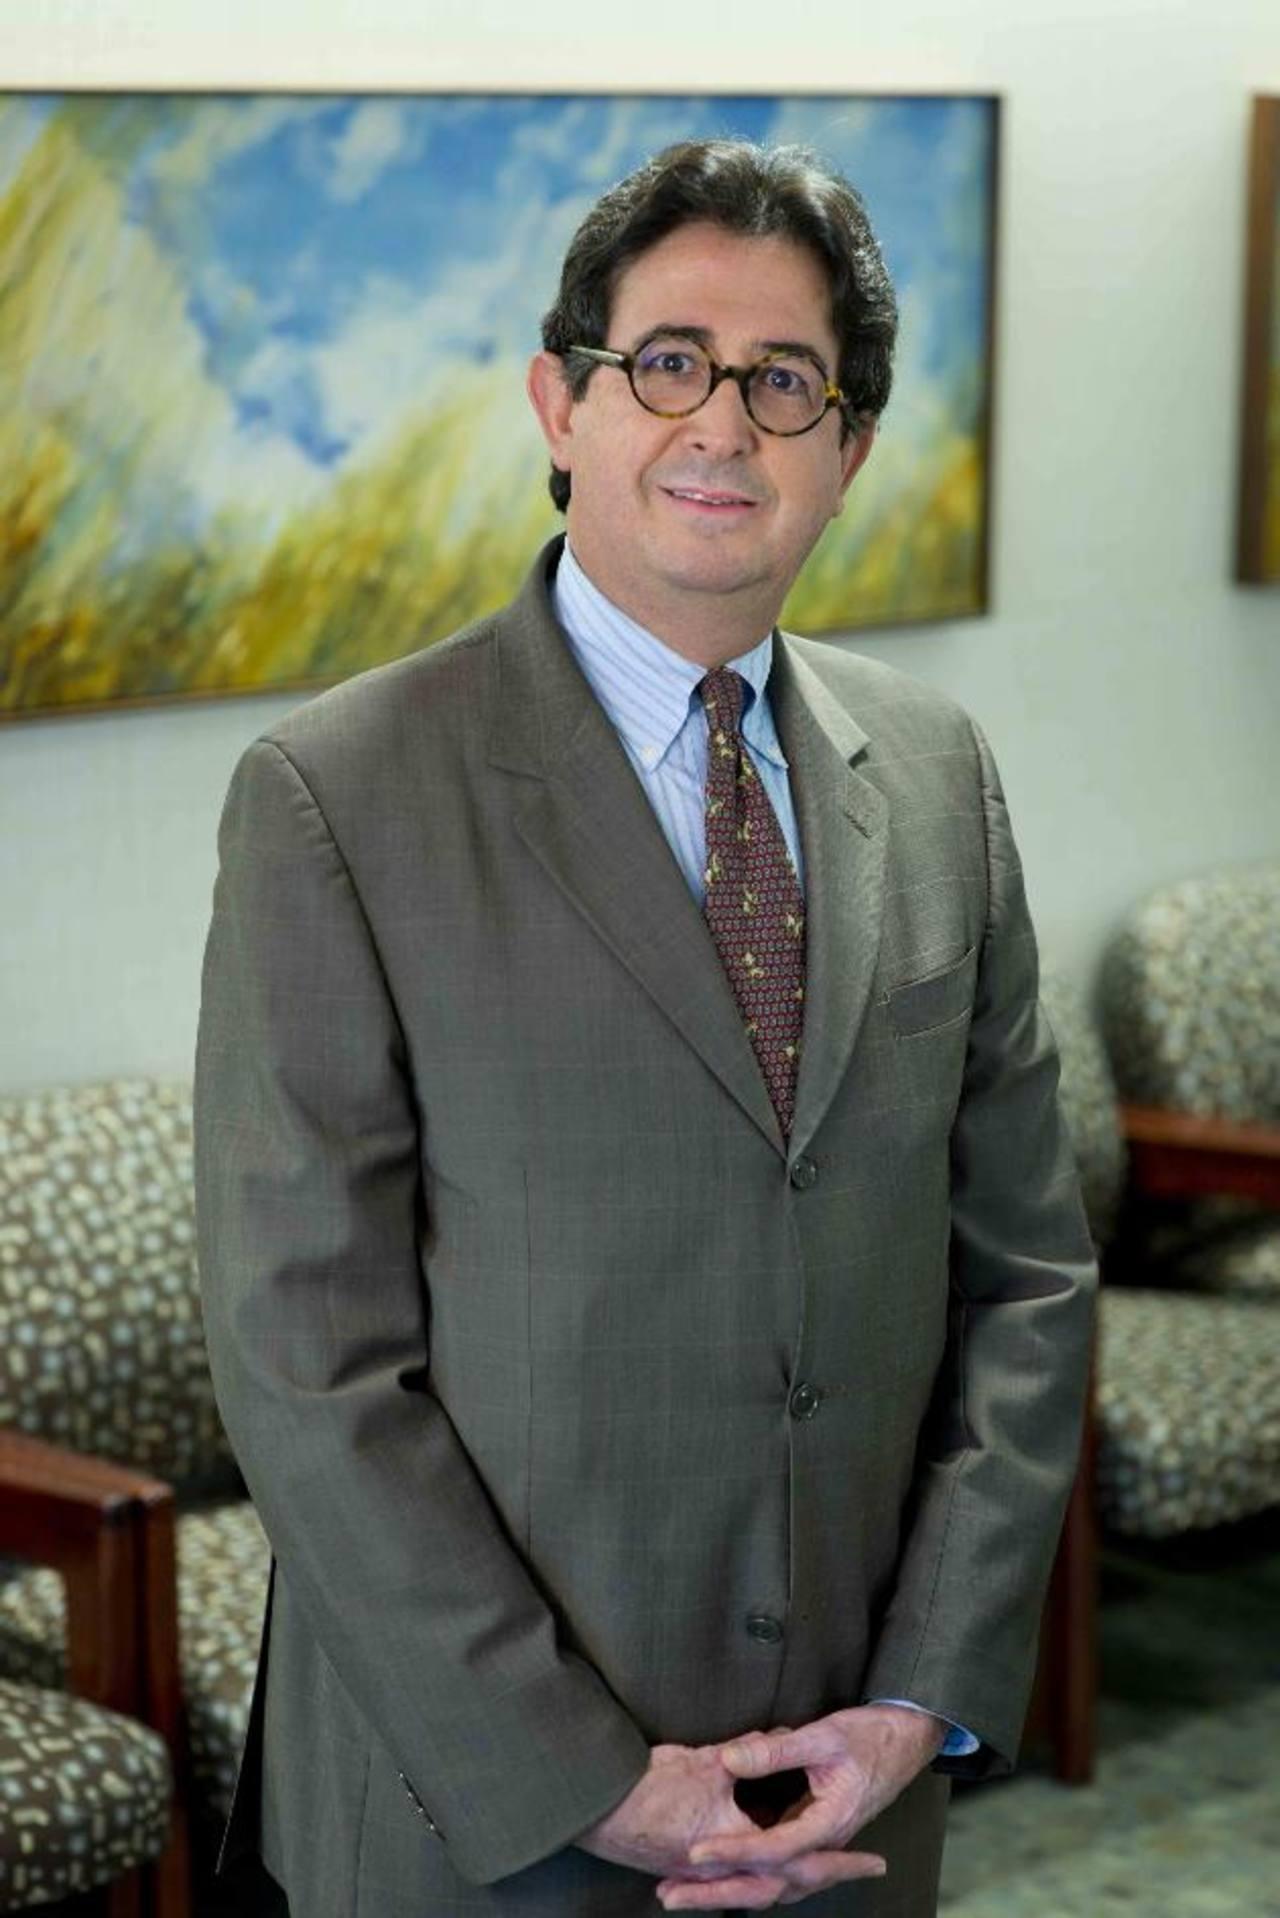 Doctor Fernando A. Rivera, de la Clínica Mayo de Jacksonville, Florida, y miembro del Colegio Médico de Estados Unidos.